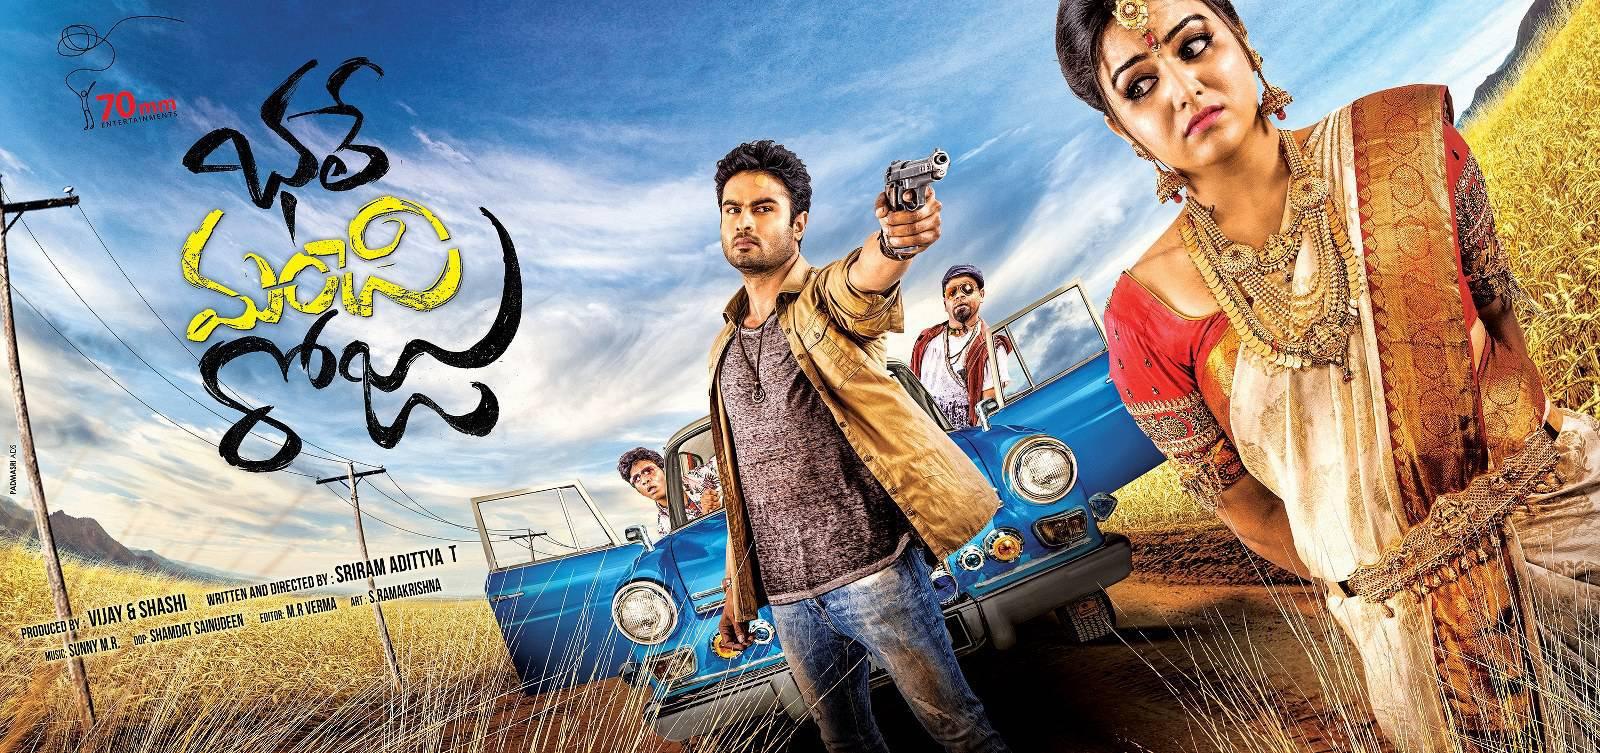 Sudheer-Babu-Bhale-Manchi-Roju-Movie-Posters-3